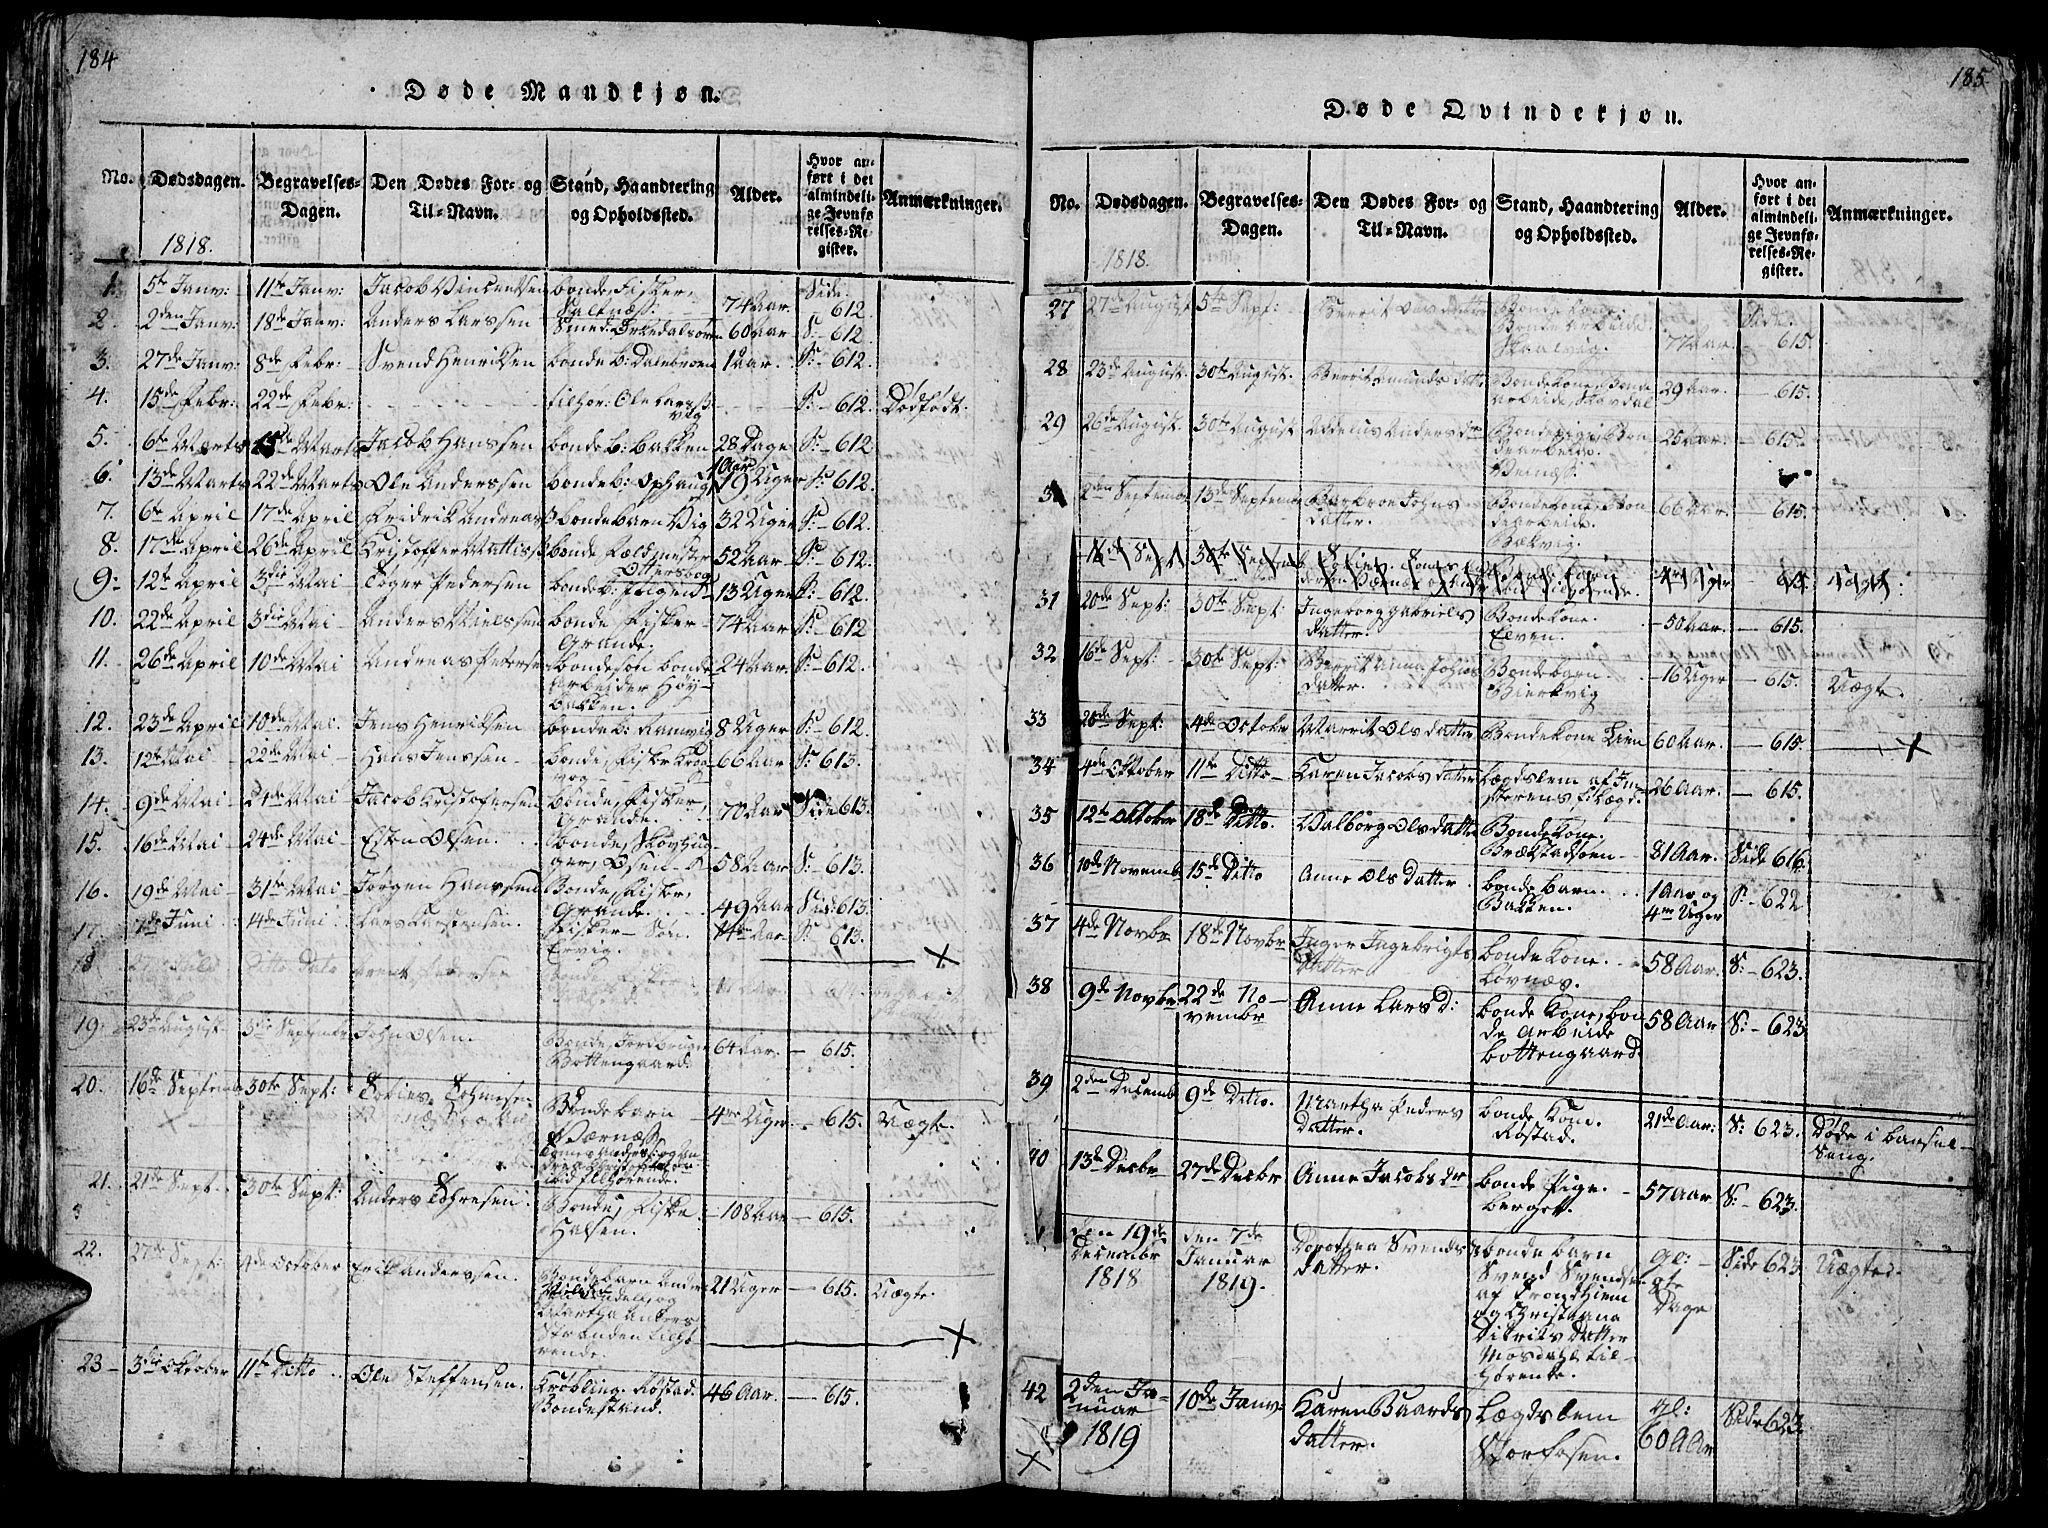 SAT, Ministerialprotokoller, klokkerbøker og fødselsregistre - Sør-Trøndelag, 659/L0744: Klokkerbok nr. 659C01, 1818-1825, s. 184-185